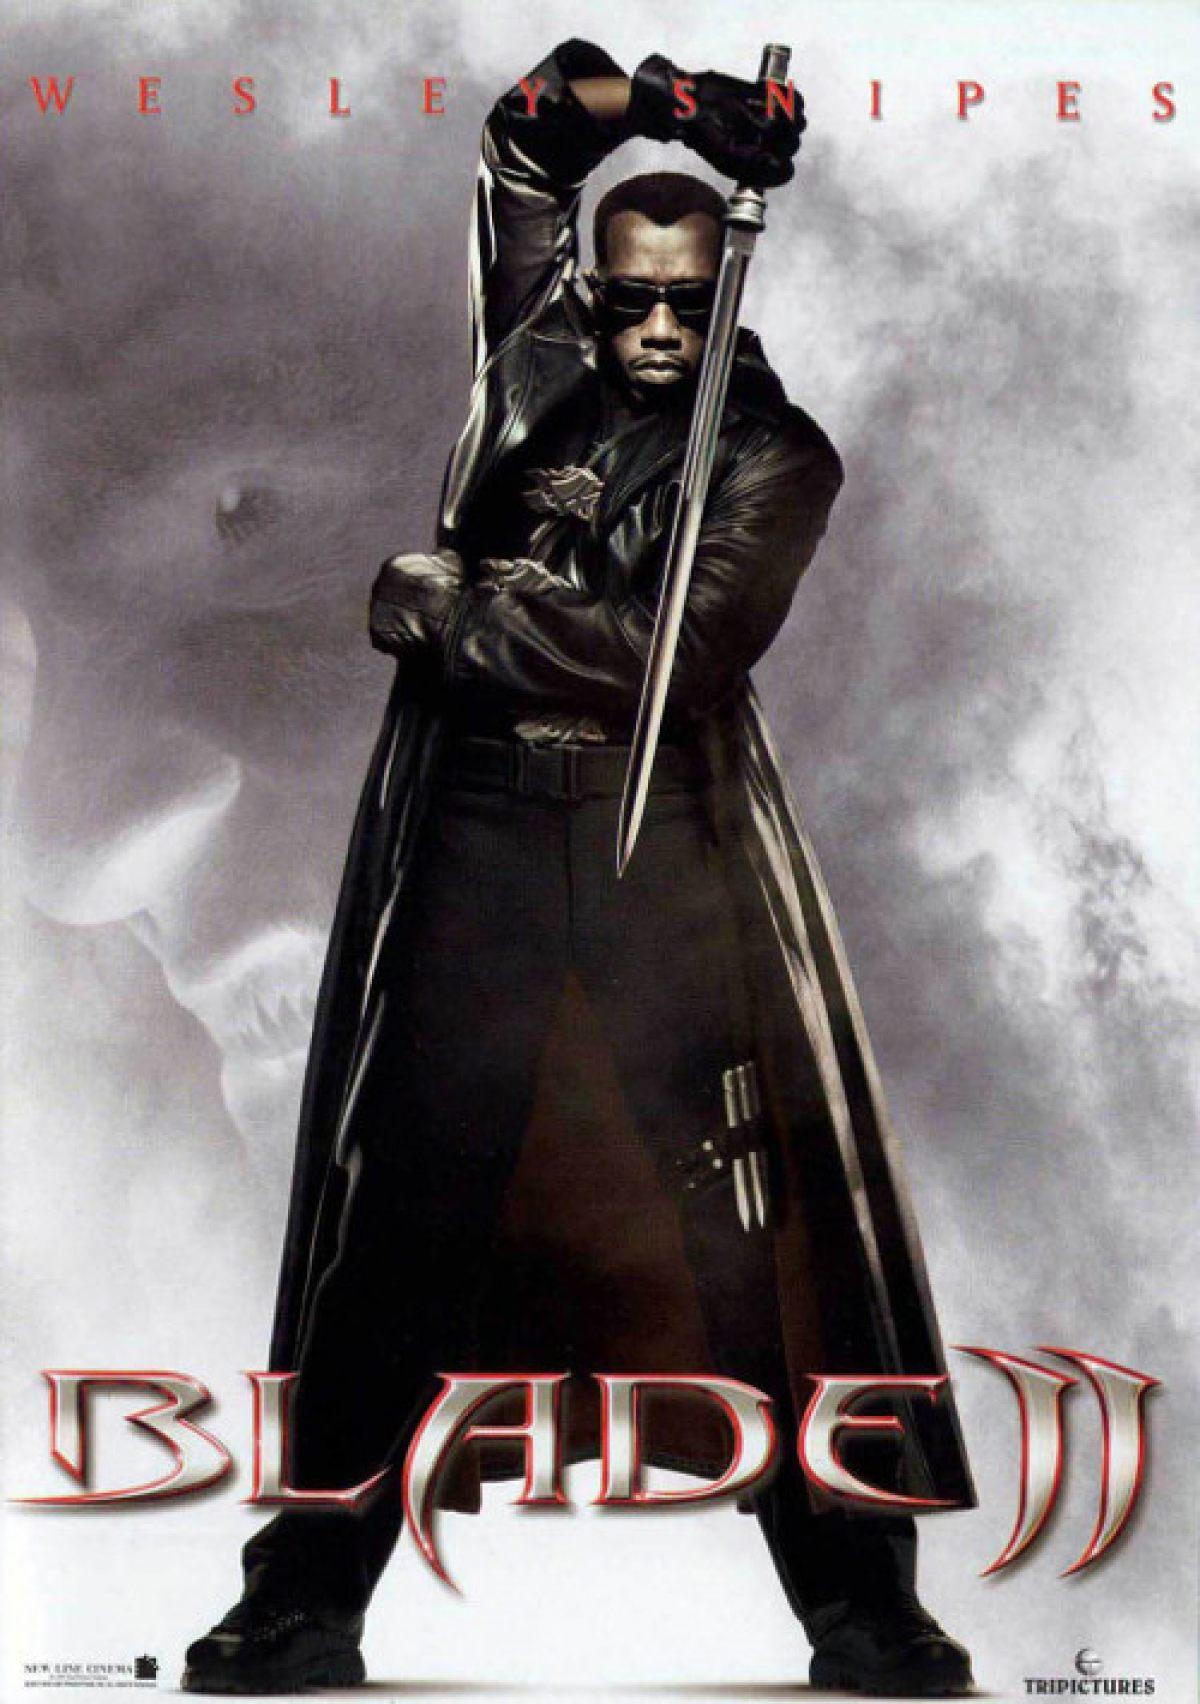 Blade II 2002 MULTi 1080p AMZN WEB-DL DDP 5.1 (En.Fr) H264-DDR | 11 GB |